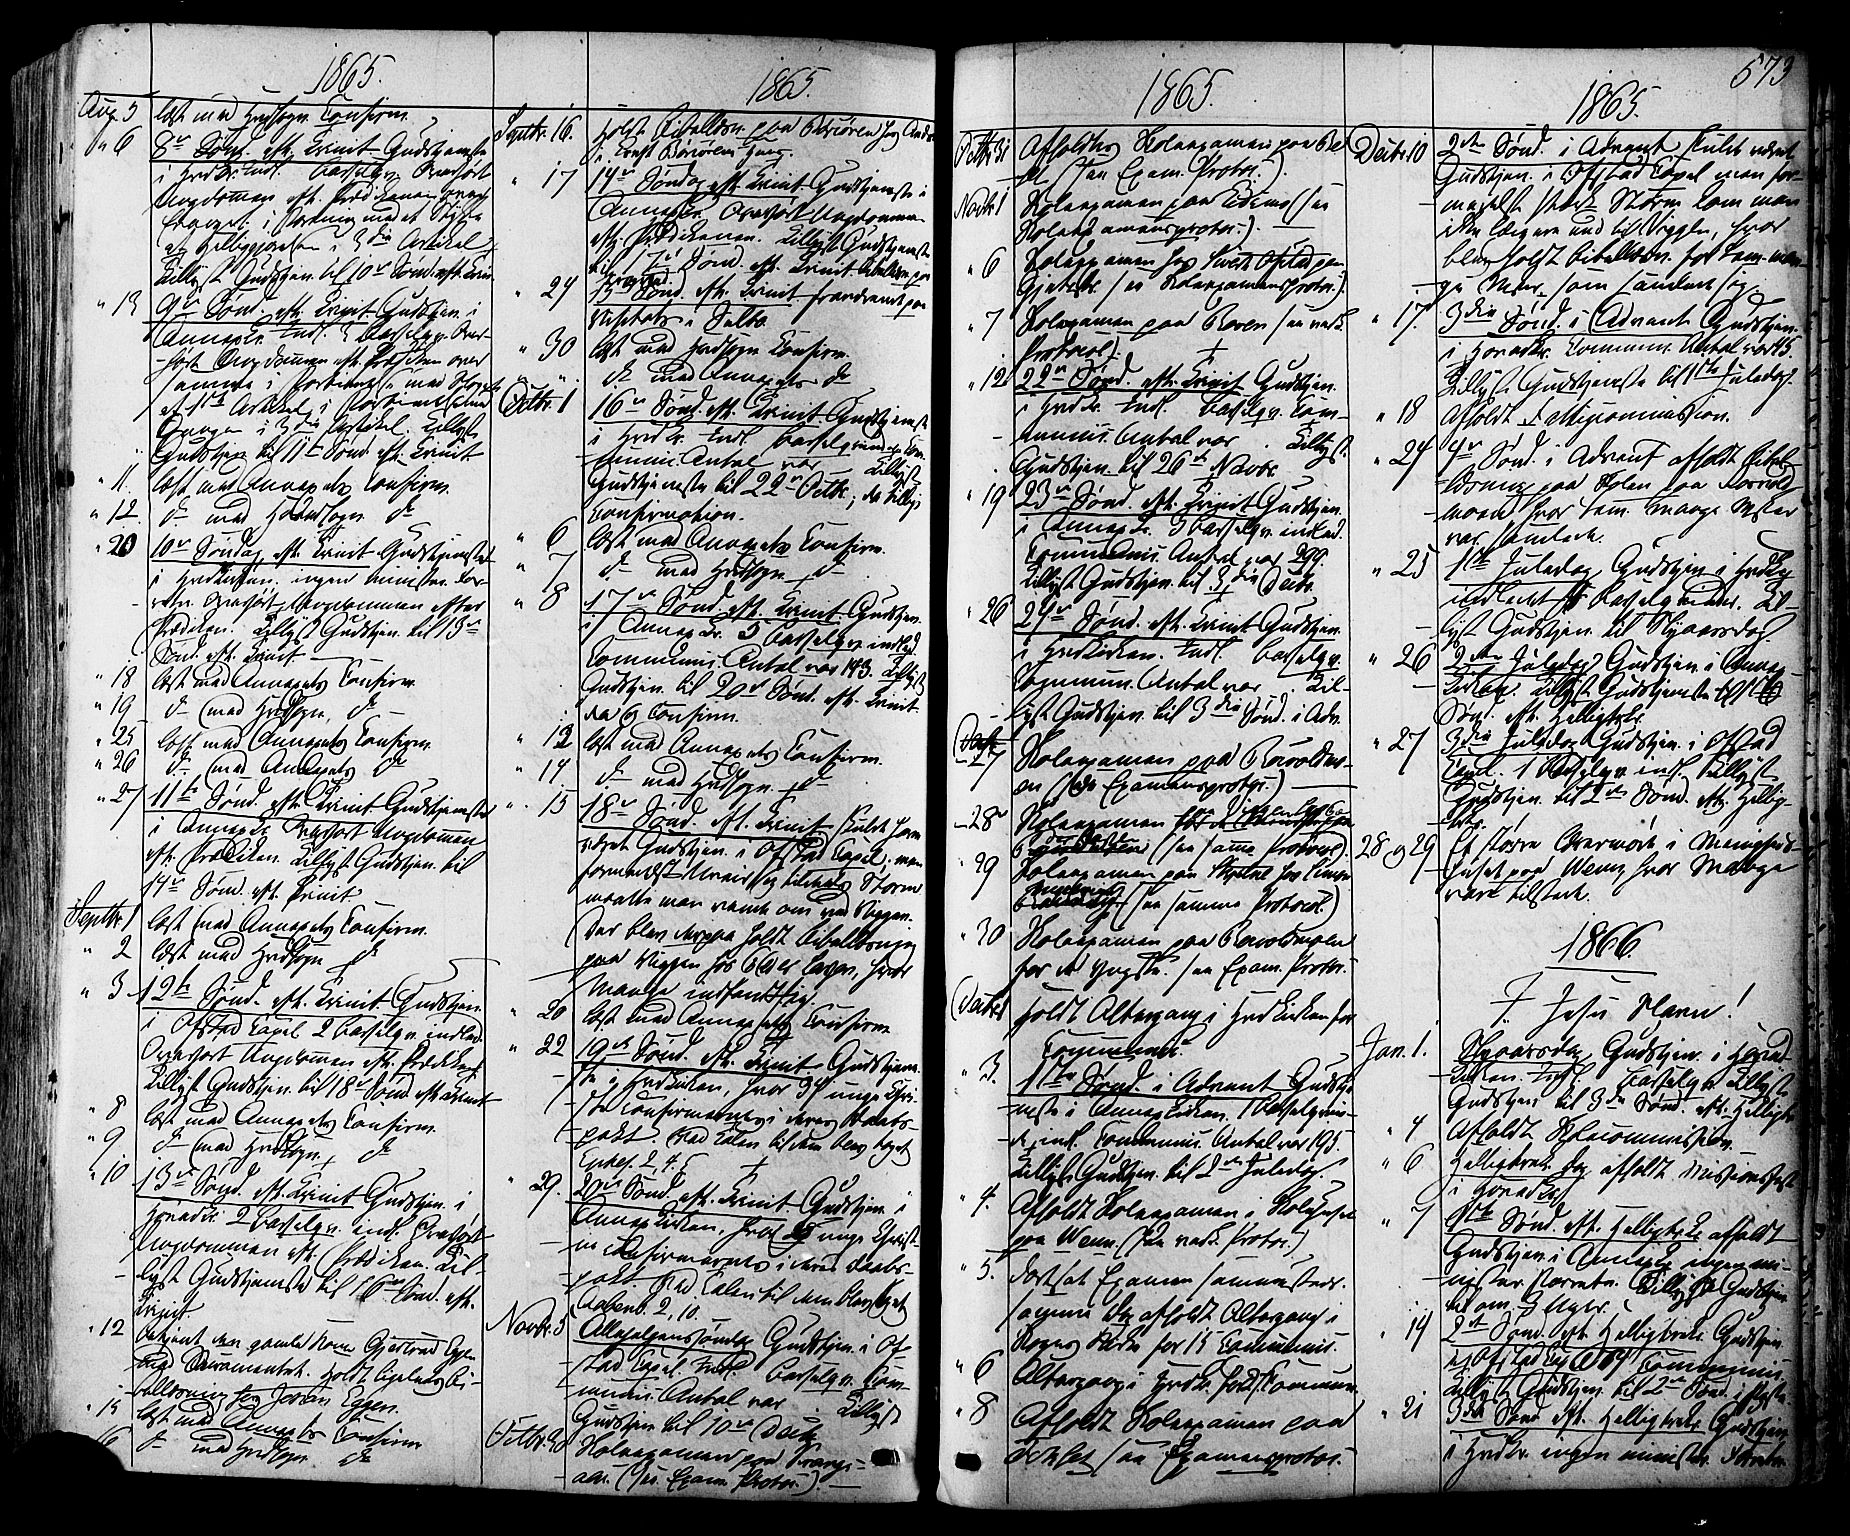 SAT, Ministerialprotokoller, klokkerbøker og fødselsregistre - Sør-Trøndelag, 665/L0772: Ministerialbok nr. 665A07, 1856-1878, s. 573